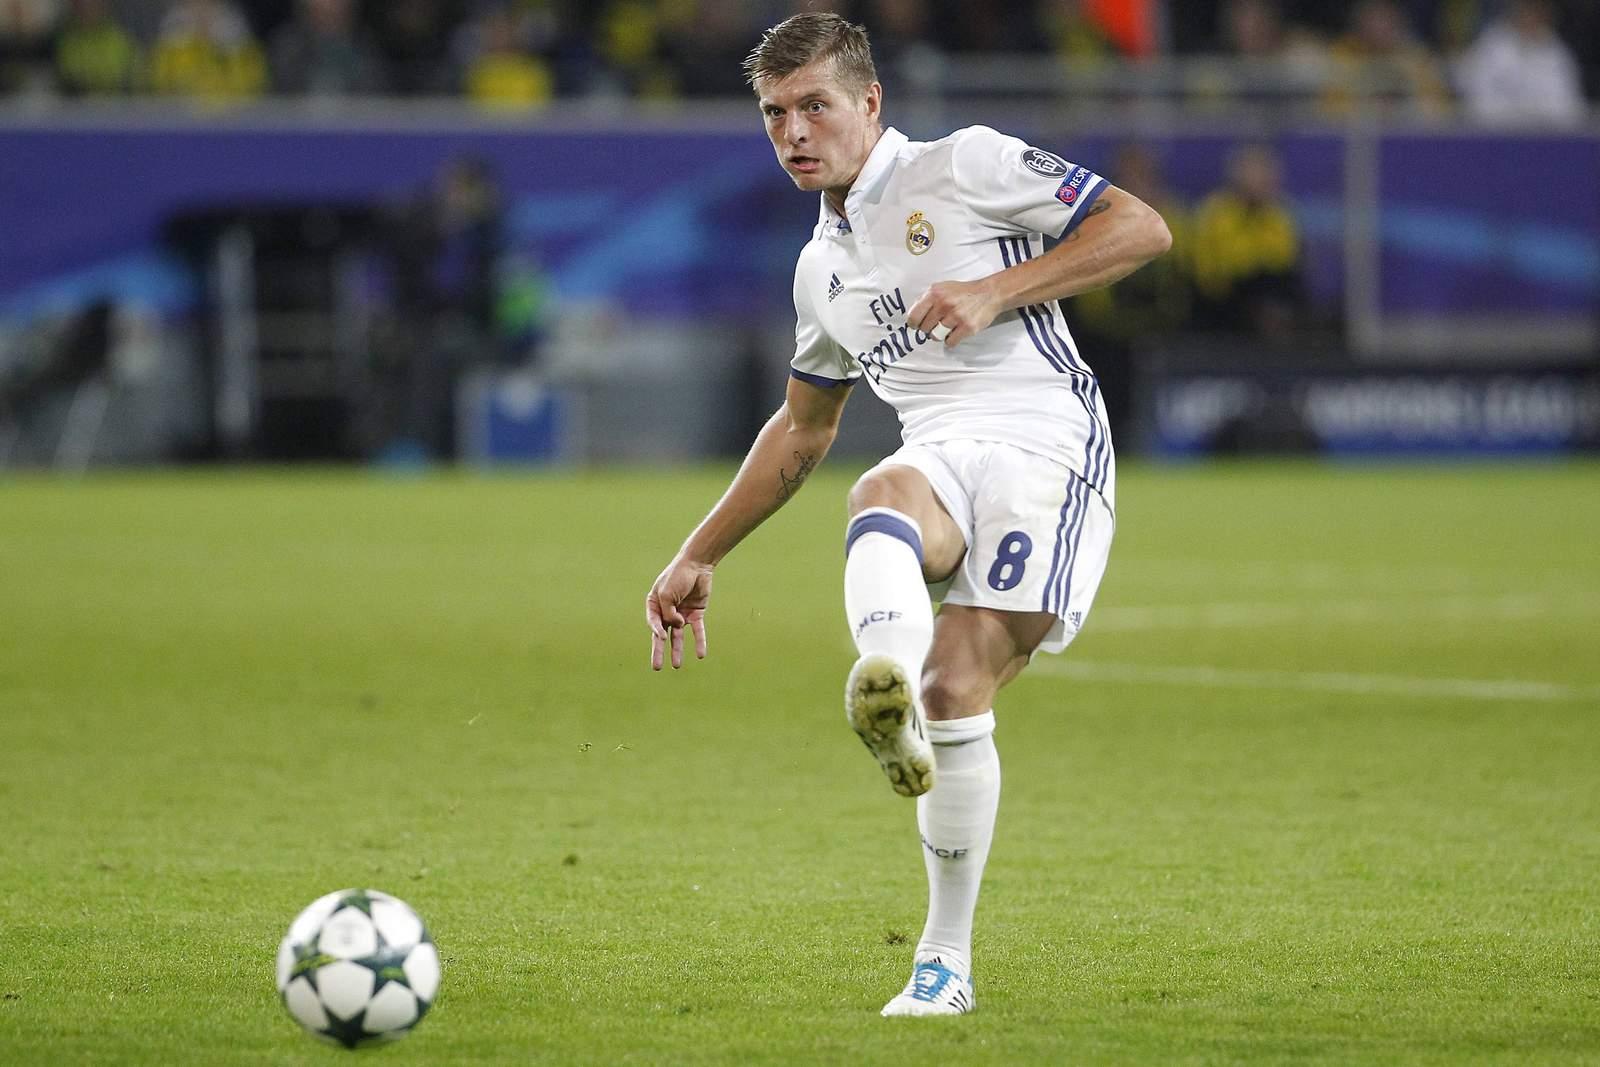 Trifft Kroos wieder? Jetzt auf Celta Vigo gegen Real Madrid wetten